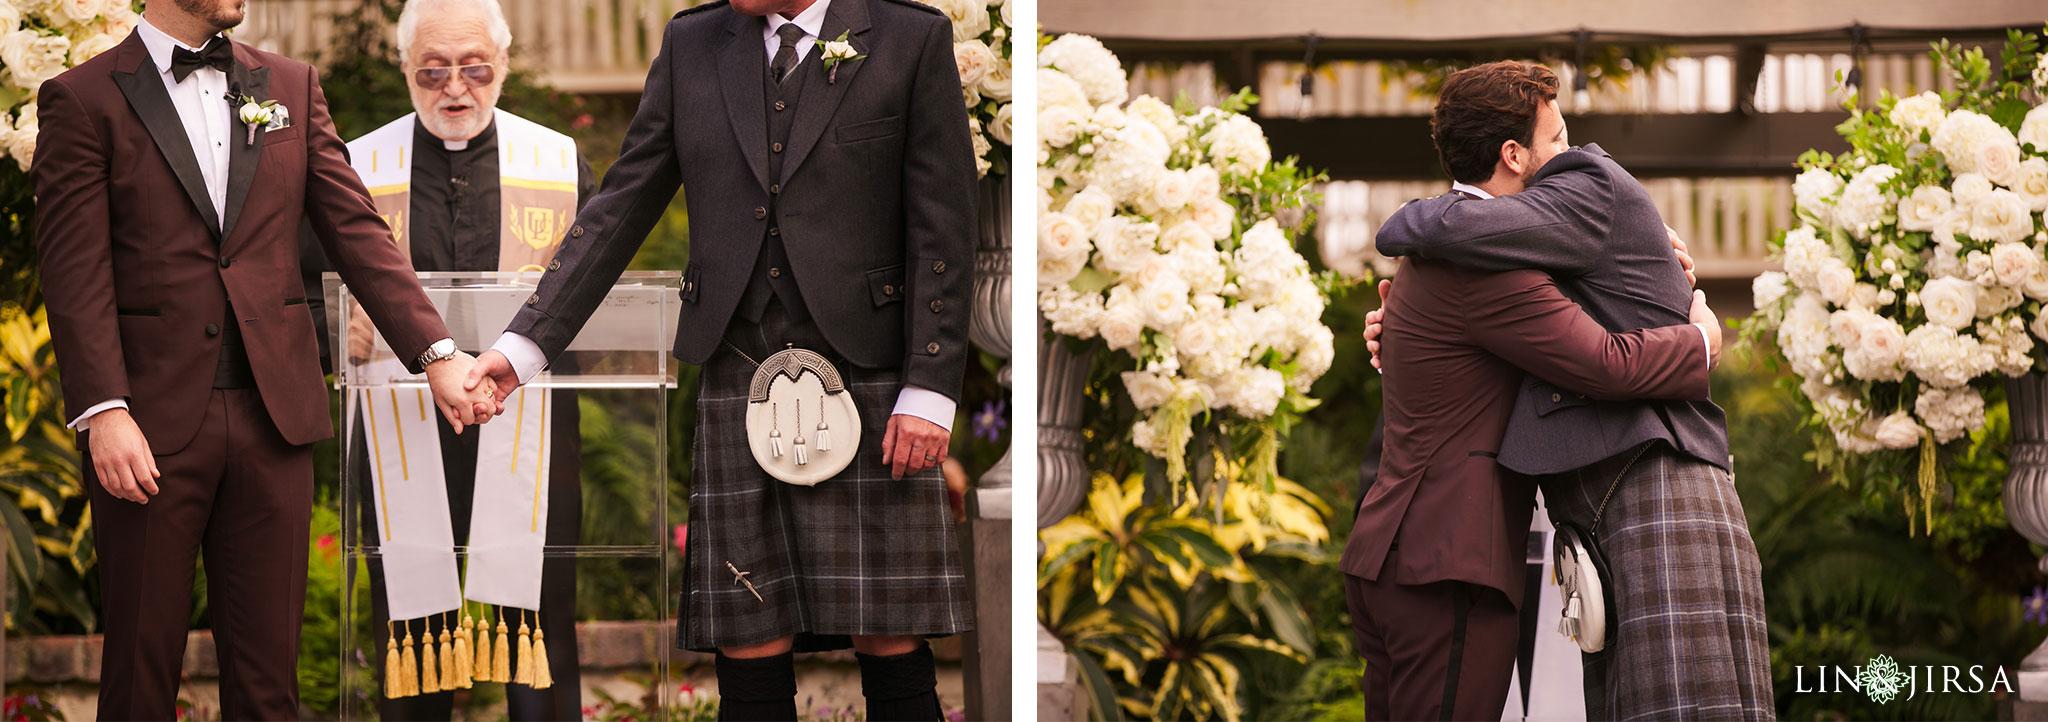 25 sherman library gardens corona del mar same sex wedding photography